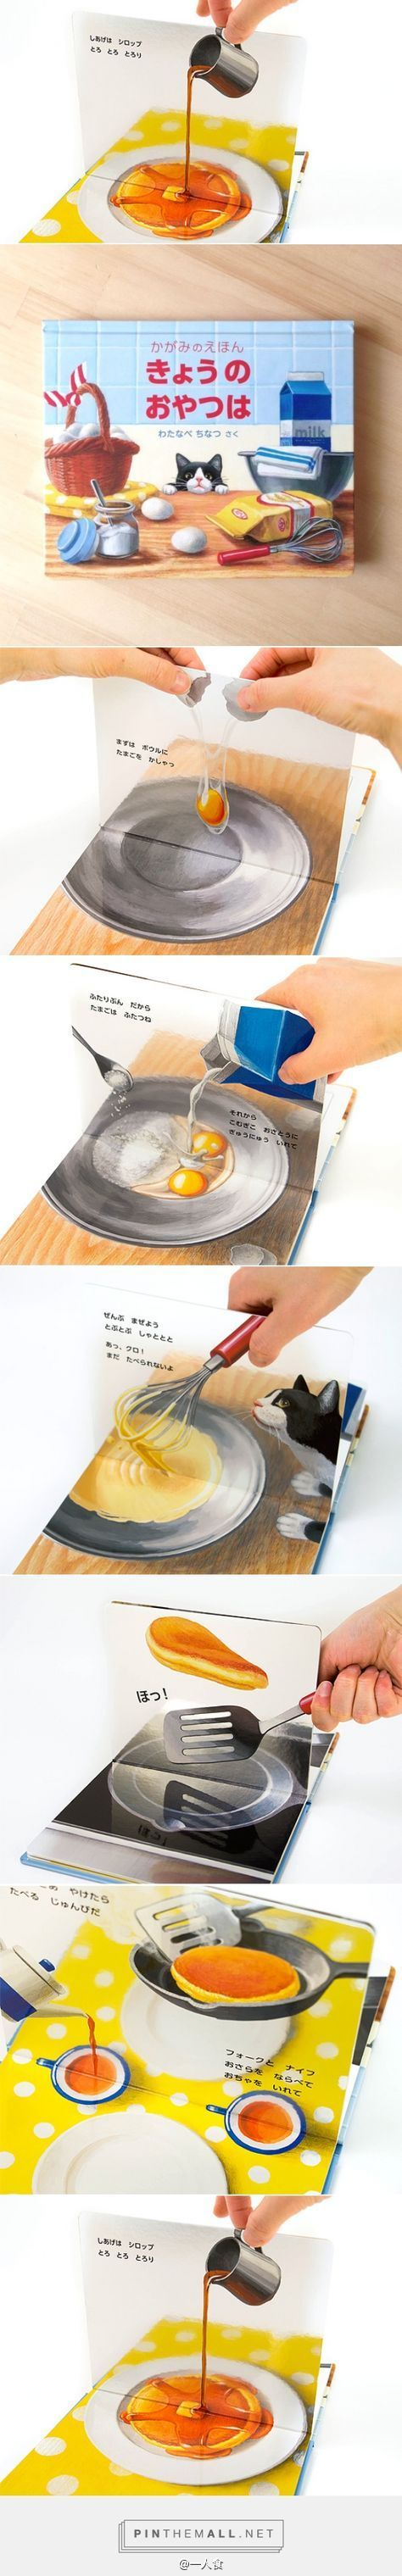 谁说纸质书已死?造本作家渡边千夏的作品《きょうのおやつは》(今日的零食)就相当有趣啊!